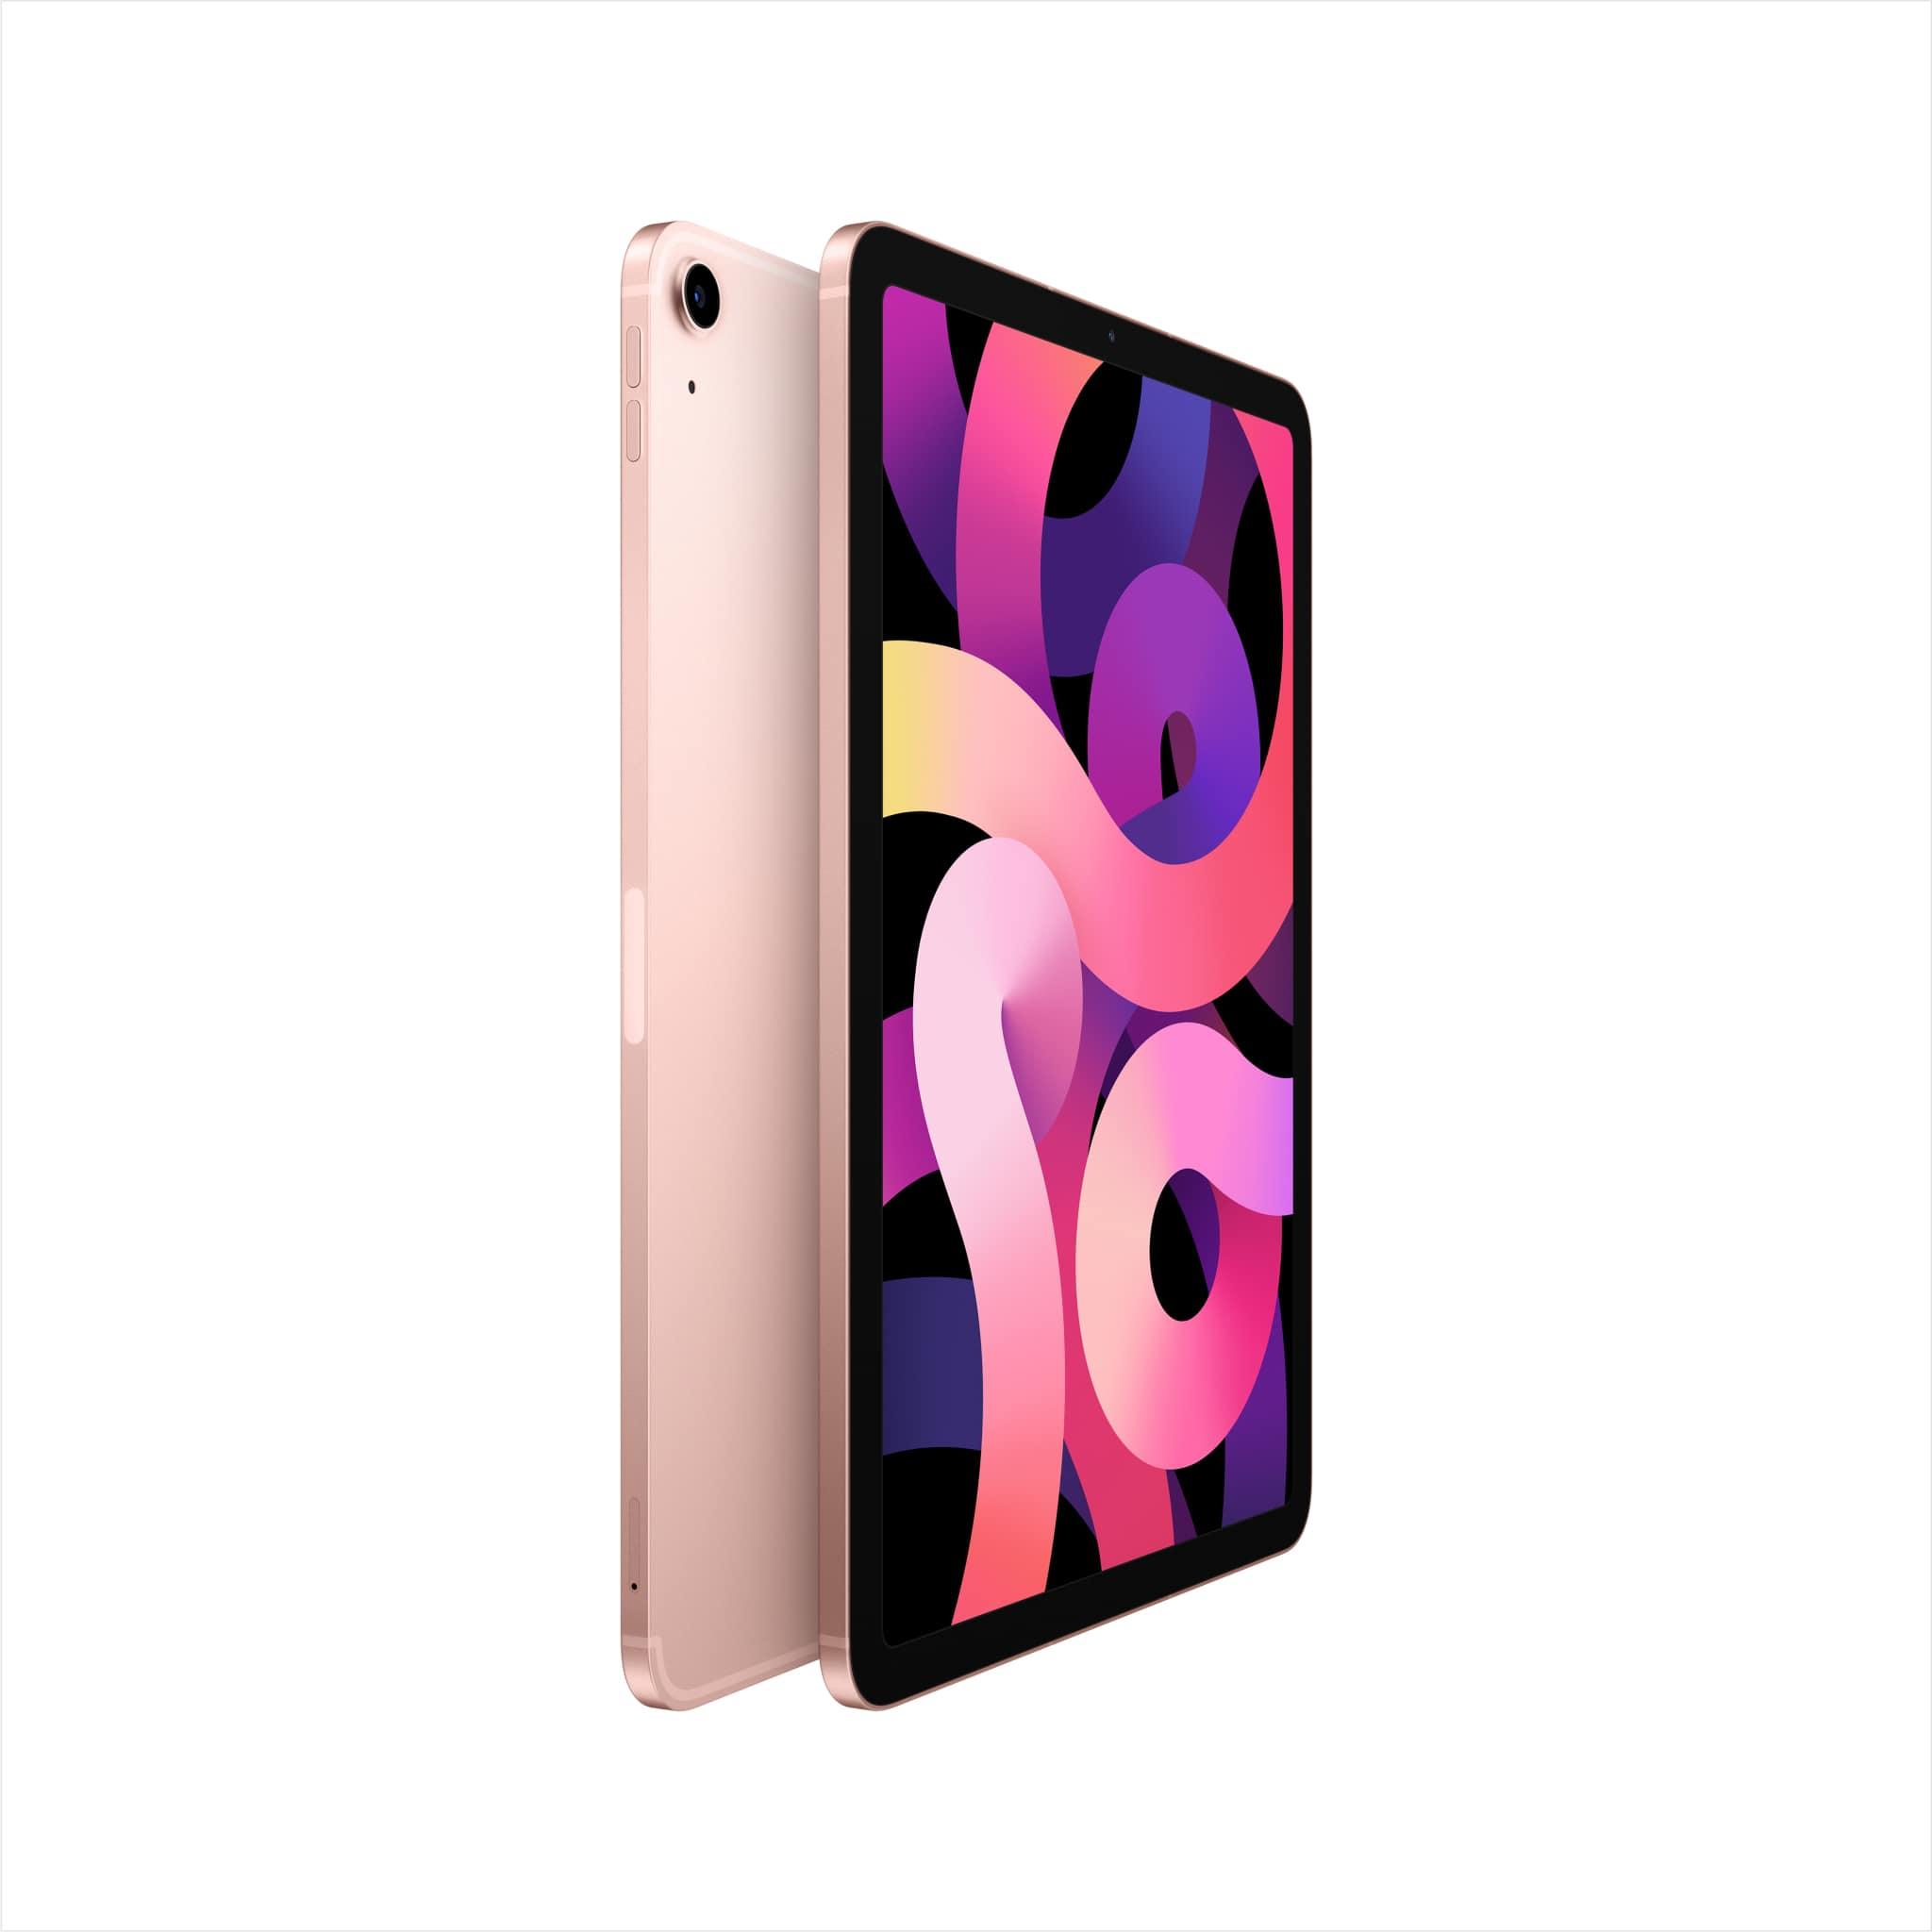 Apple 10.9-inch iPad Air 4 Wi-Fi 64GB - Rose Gold MYFP2AB/A